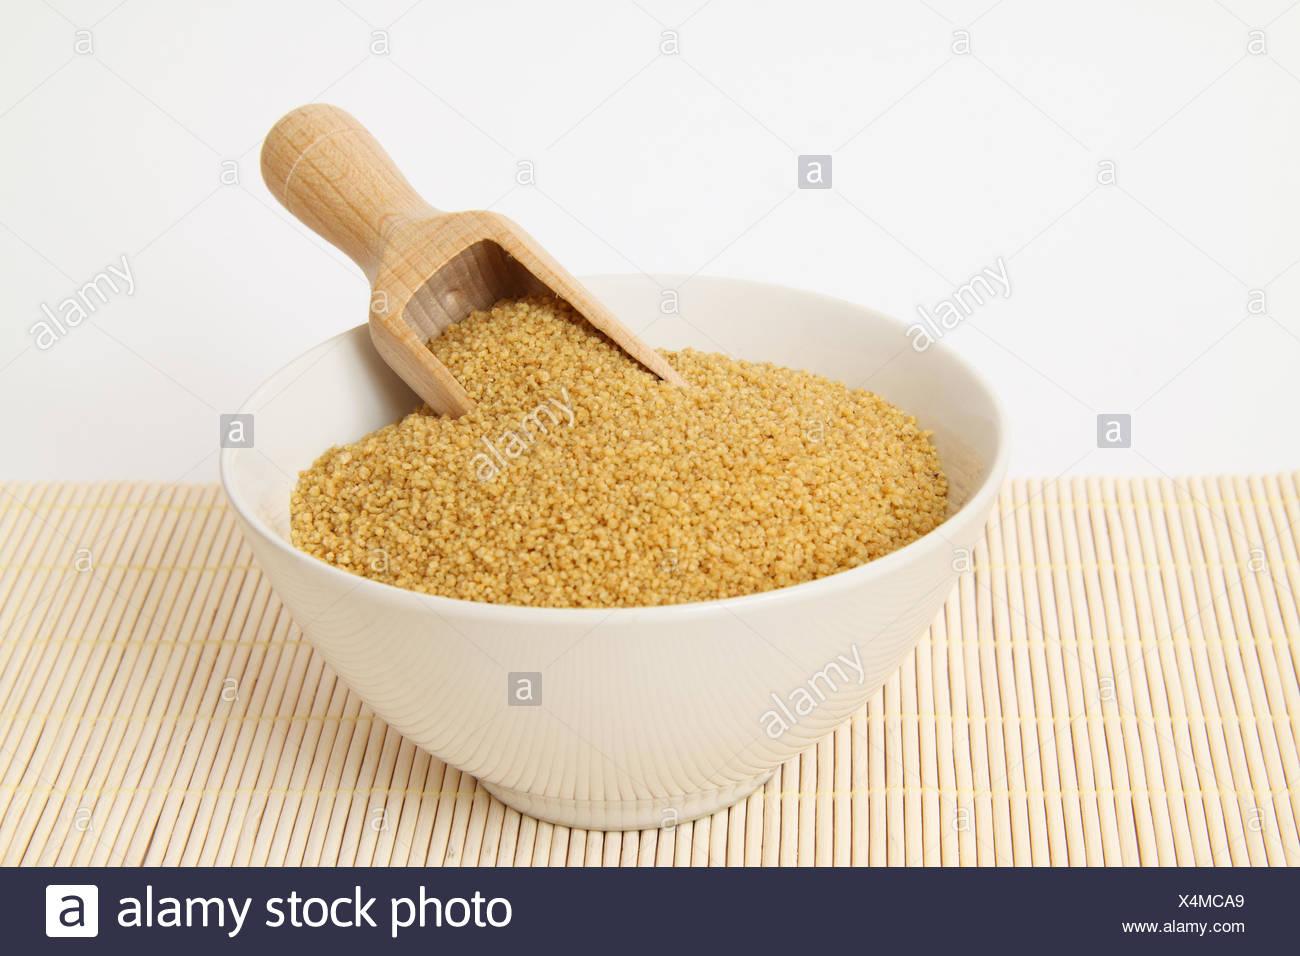 Couscous - Stock Image